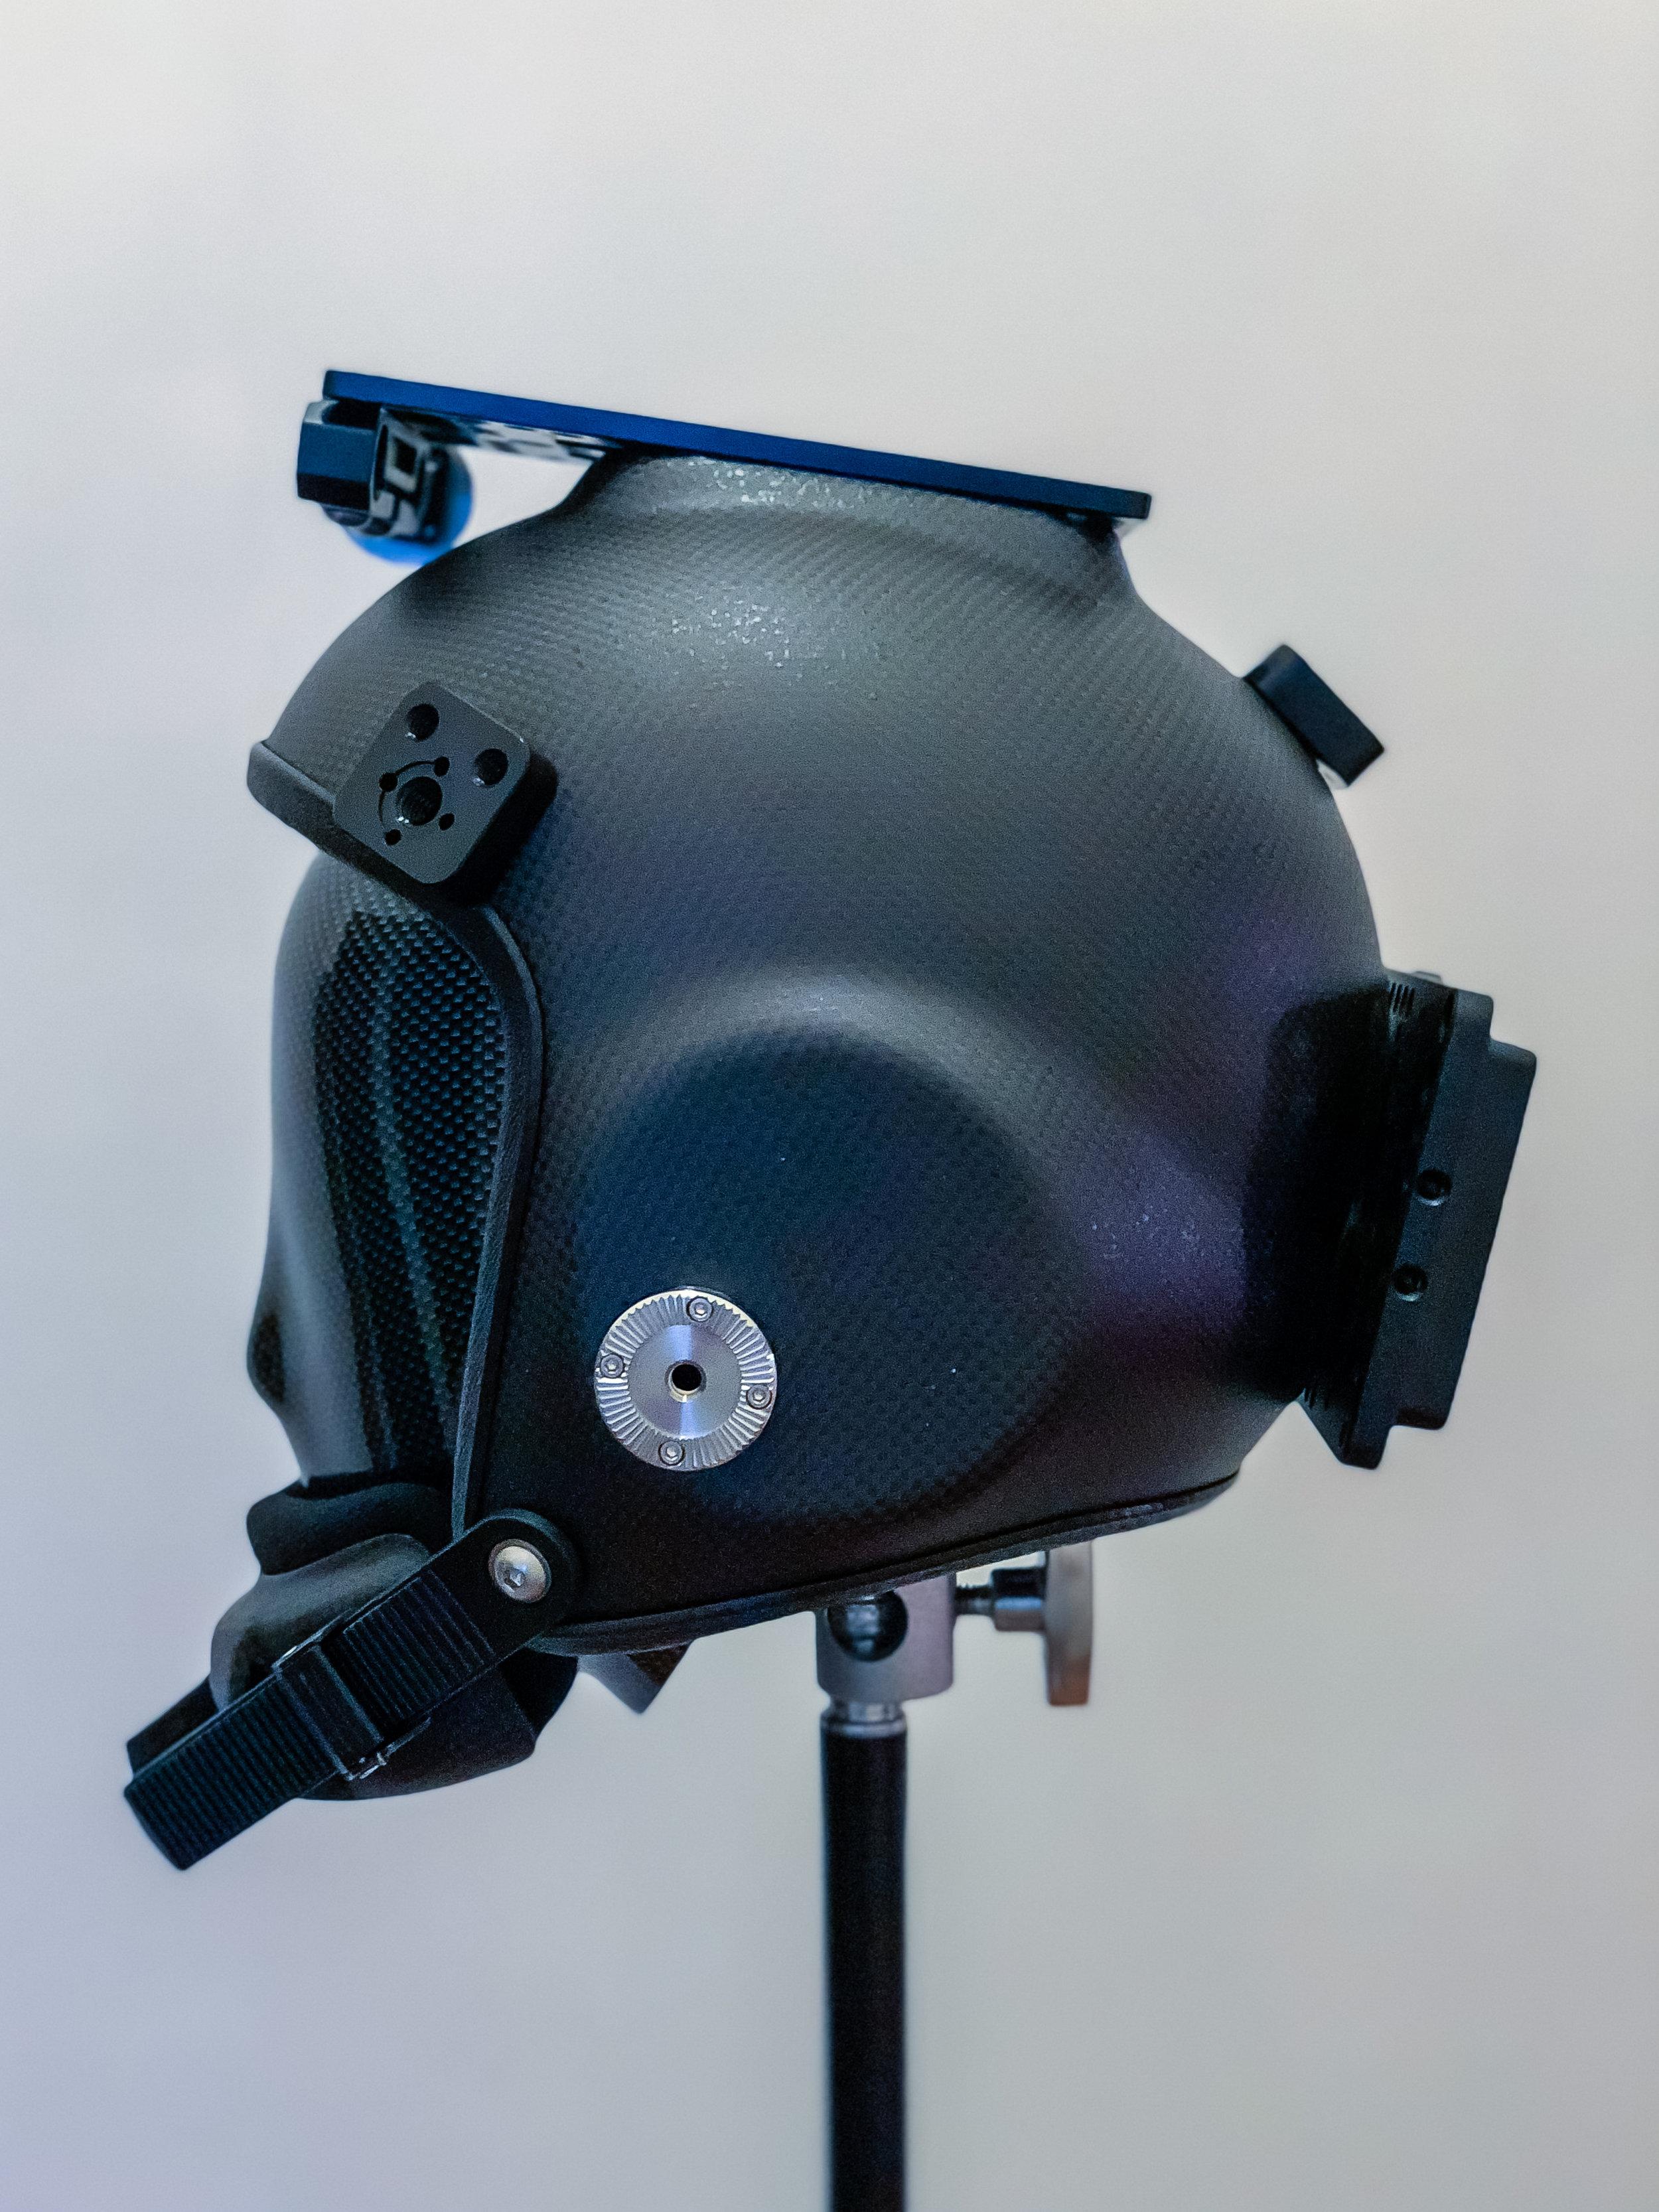 Left side of helmet